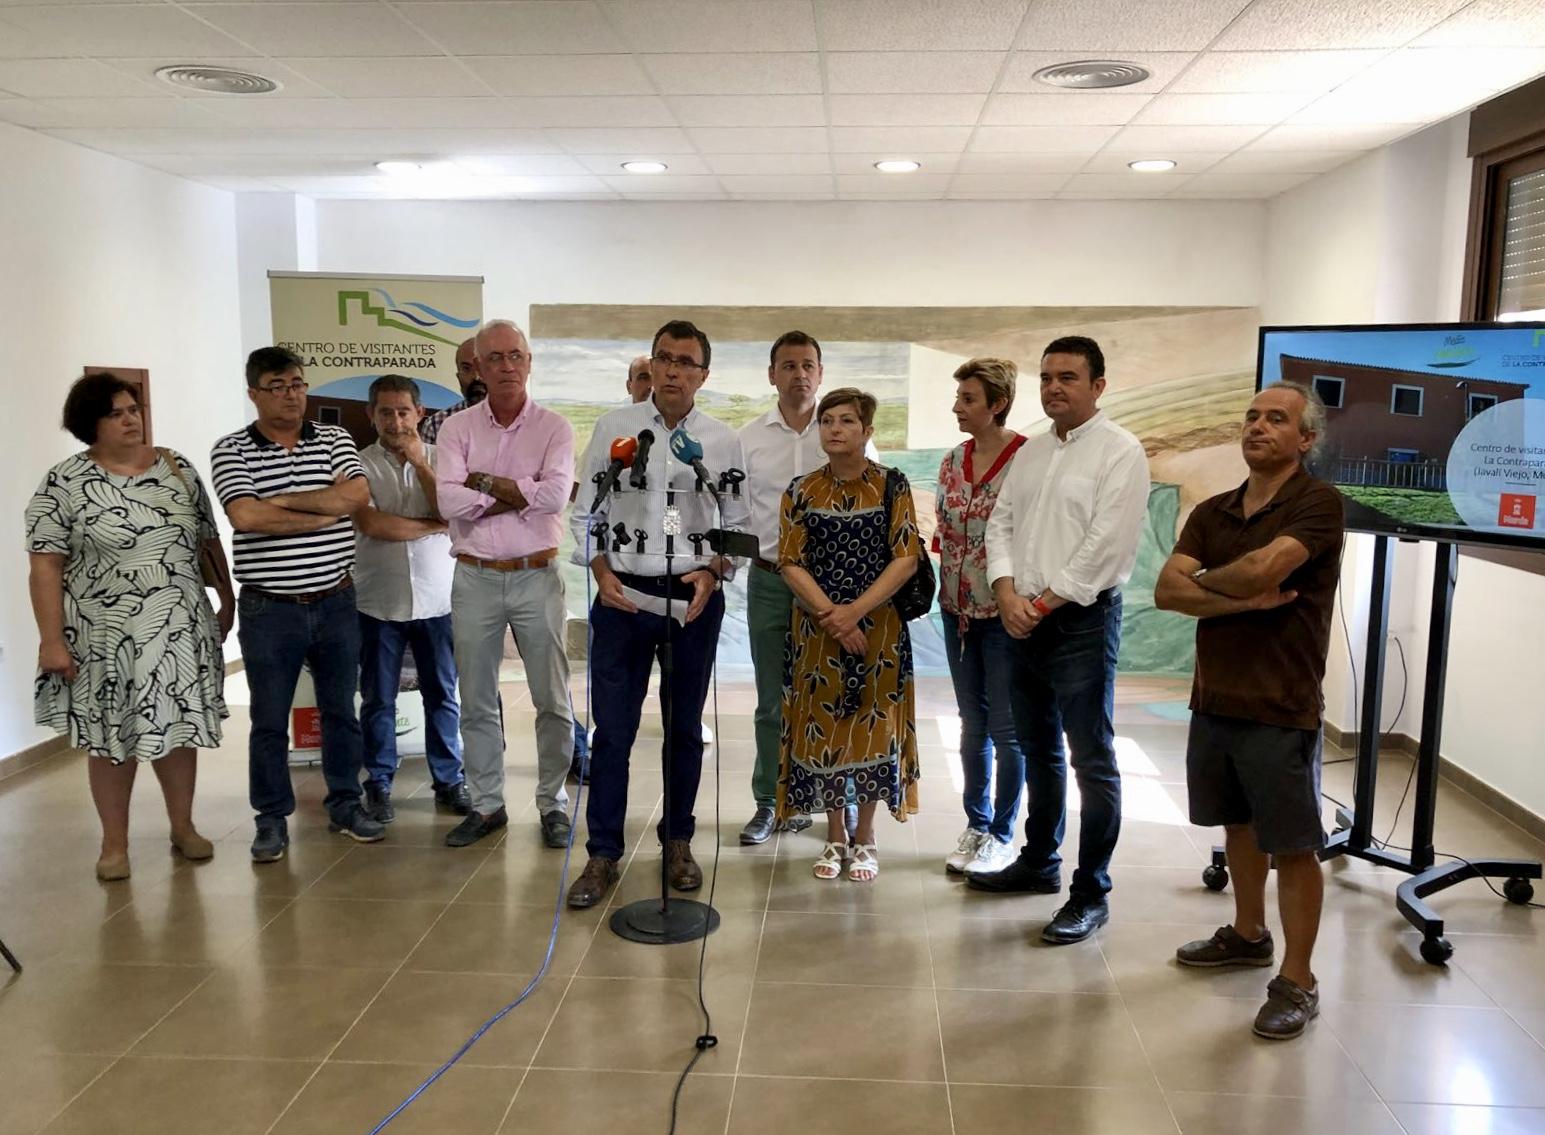 El alcalde de Murcia, José Ballesta, y el concejal de Urbanismo, Medio Ambiente y Huerta, Antonio Navarro, presentaron ayer el proyecto. Imagen: Ayto. de Murcia